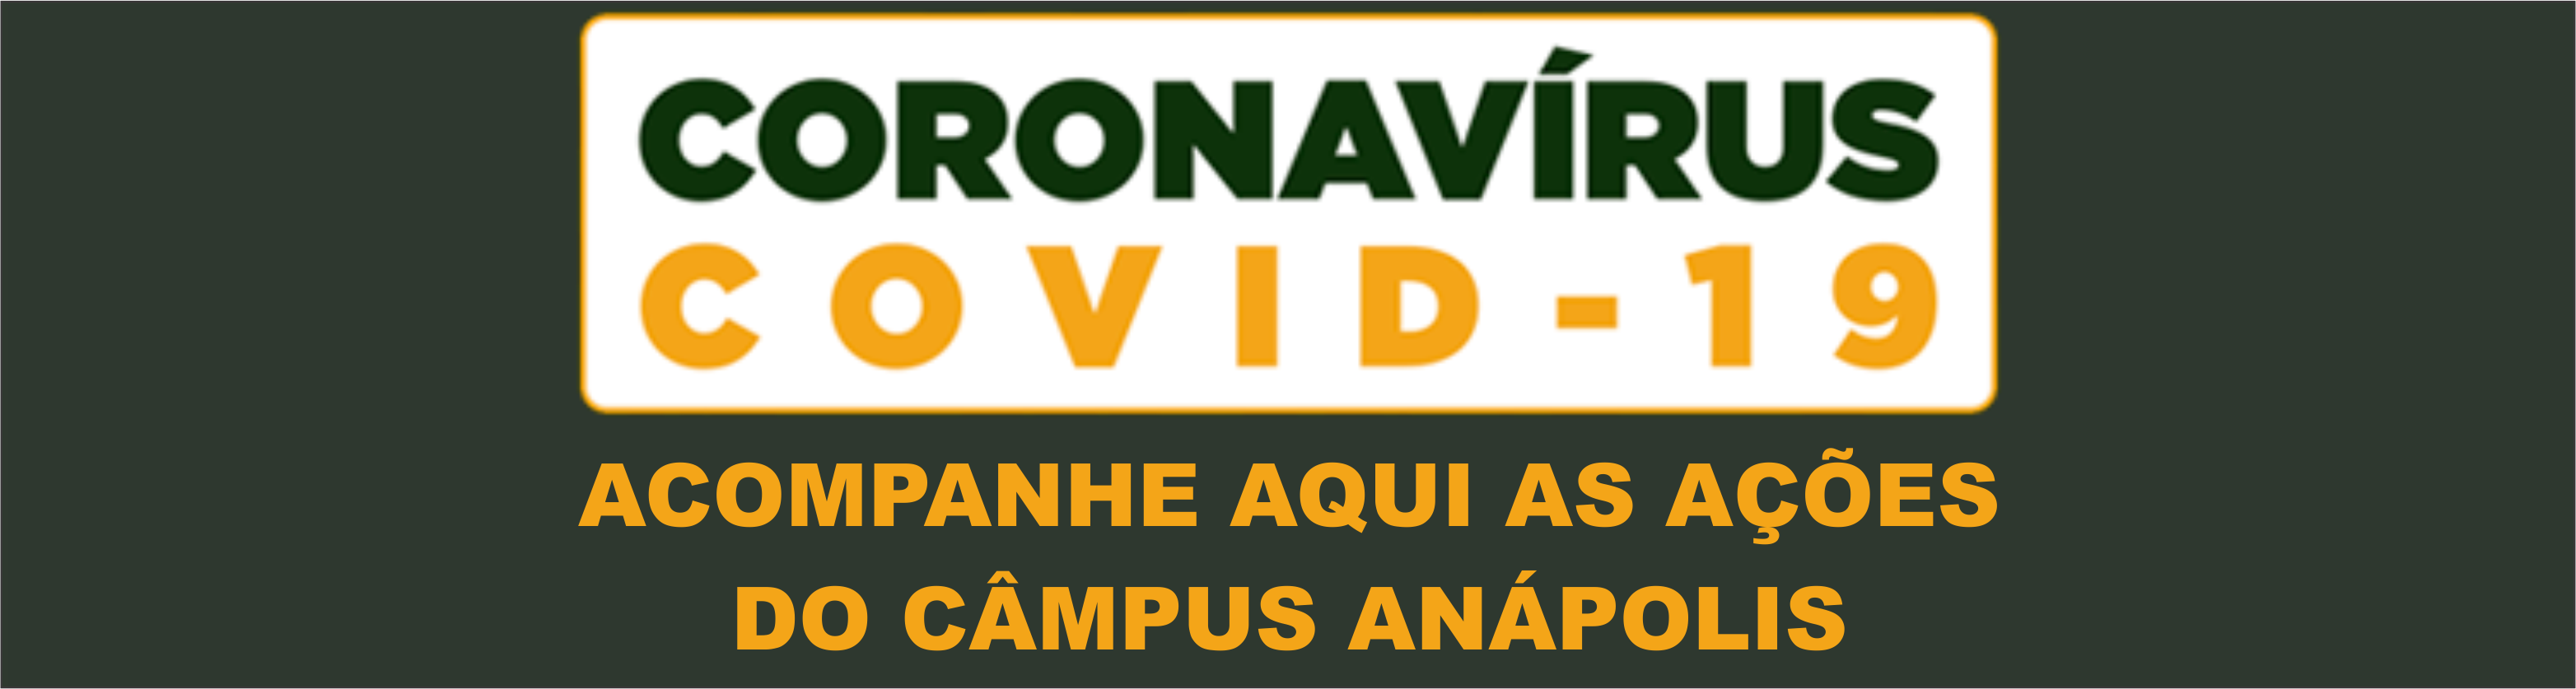 Ações IFG Anápolis - Covid 19